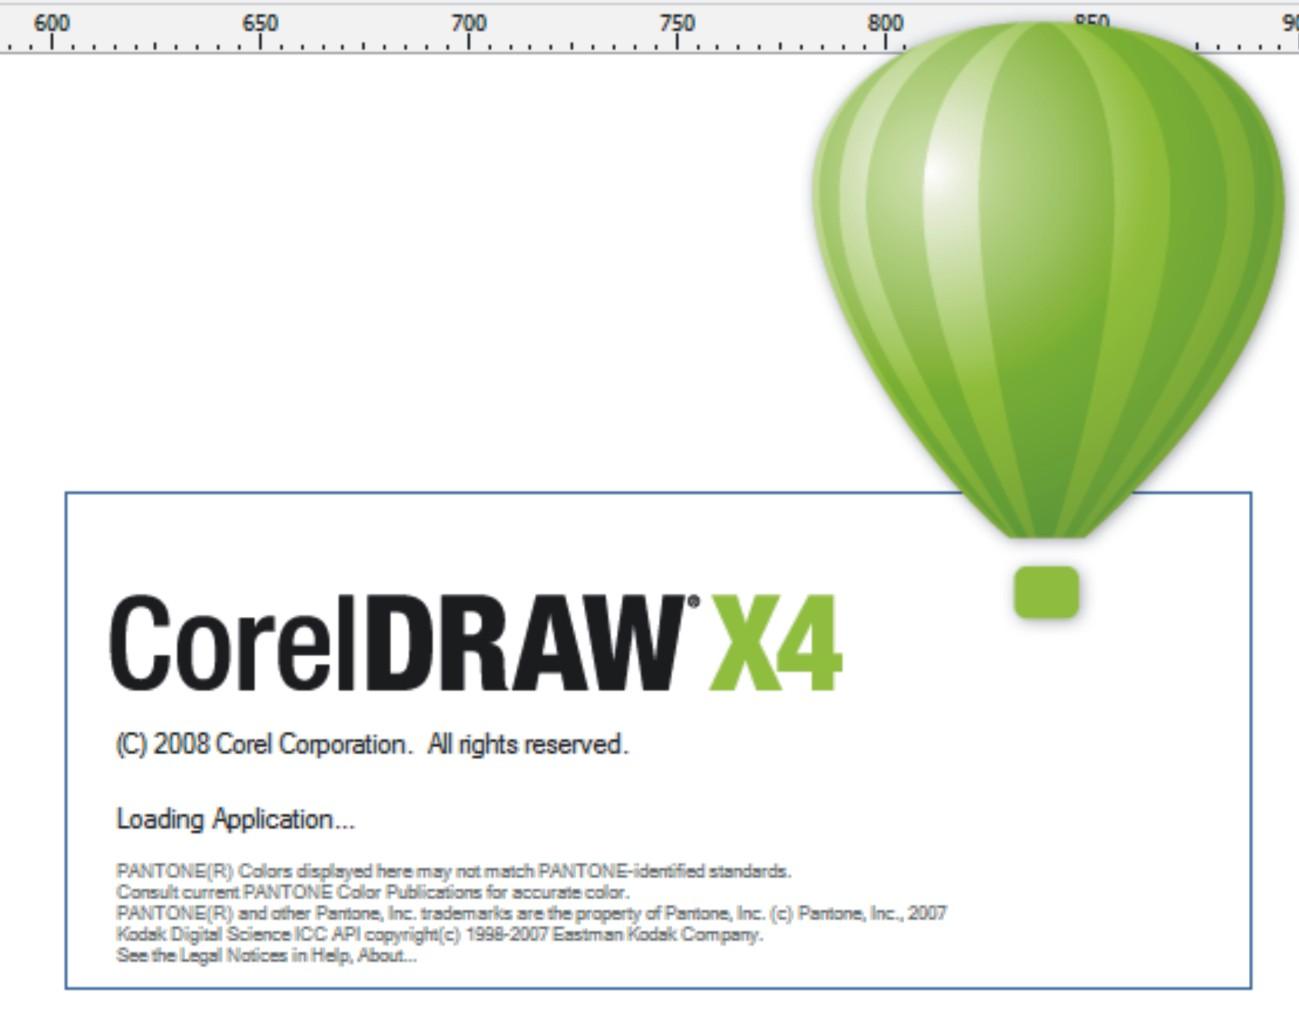 cara menggunakan corel draw 4x